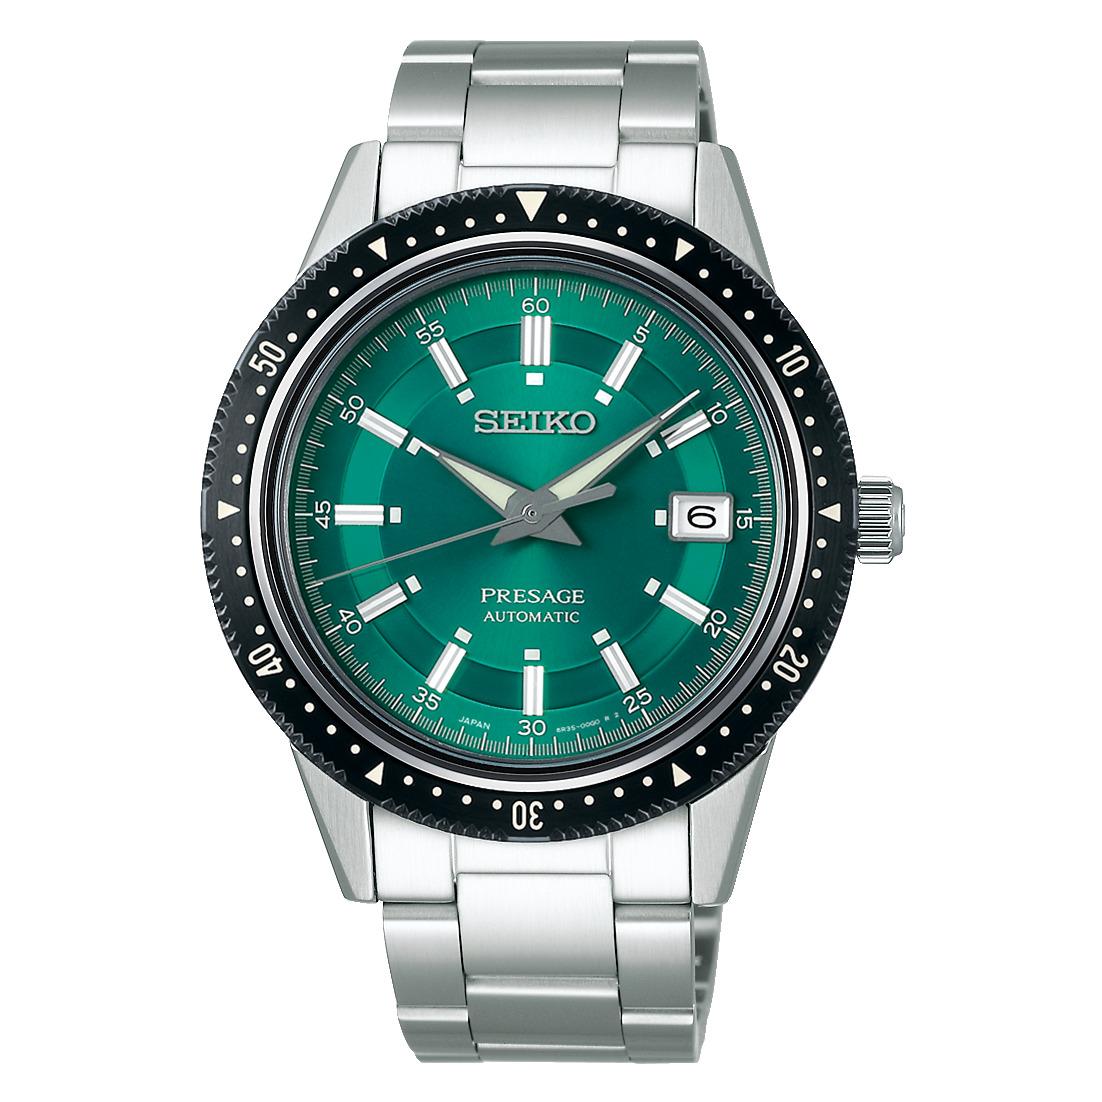 プレザージュ PRESAGE セイコー SEIKO SARX071 2020限定モデル 数量限定1964本 コアショップ限定 正規品 腕時計